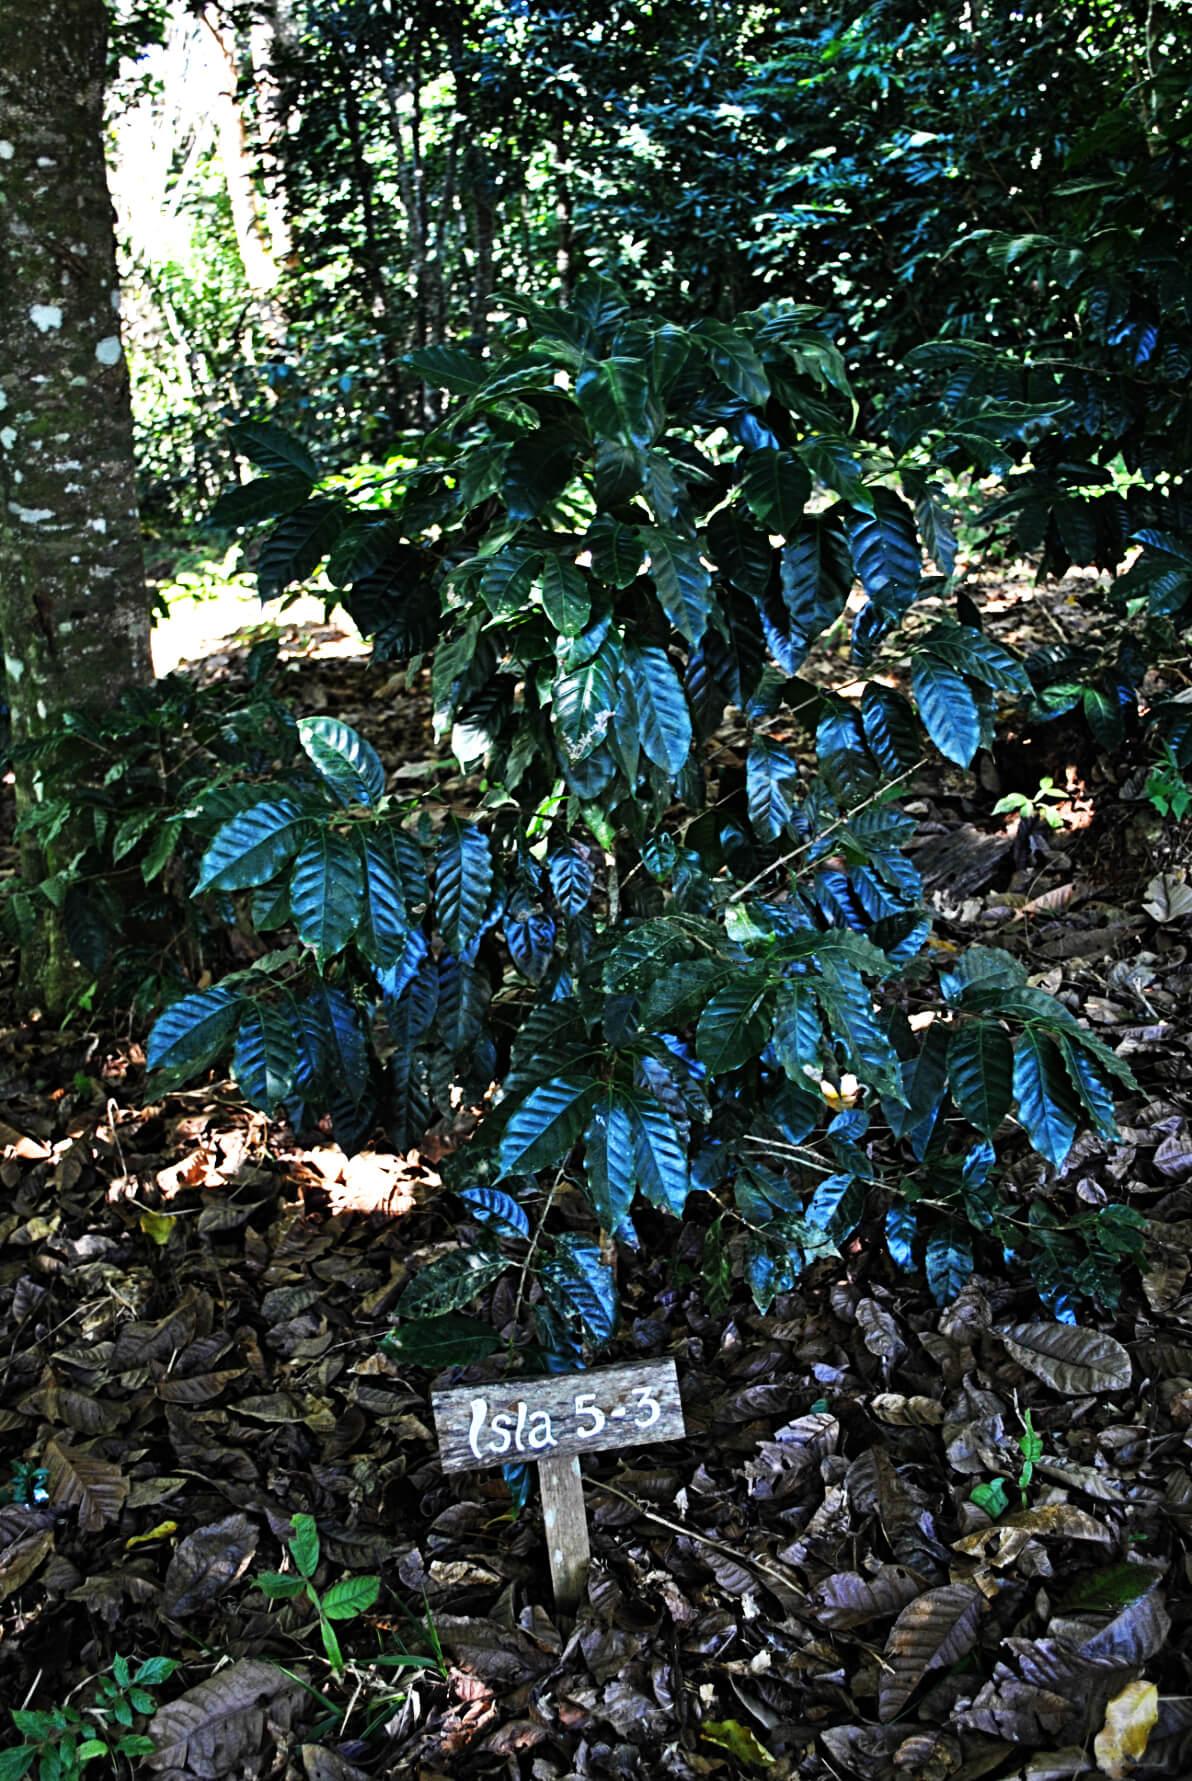 Drzewka kawowe  -Każda zodmian jest opatrzona podpisem, co pozwala naporównanie poszczególnych gatunków